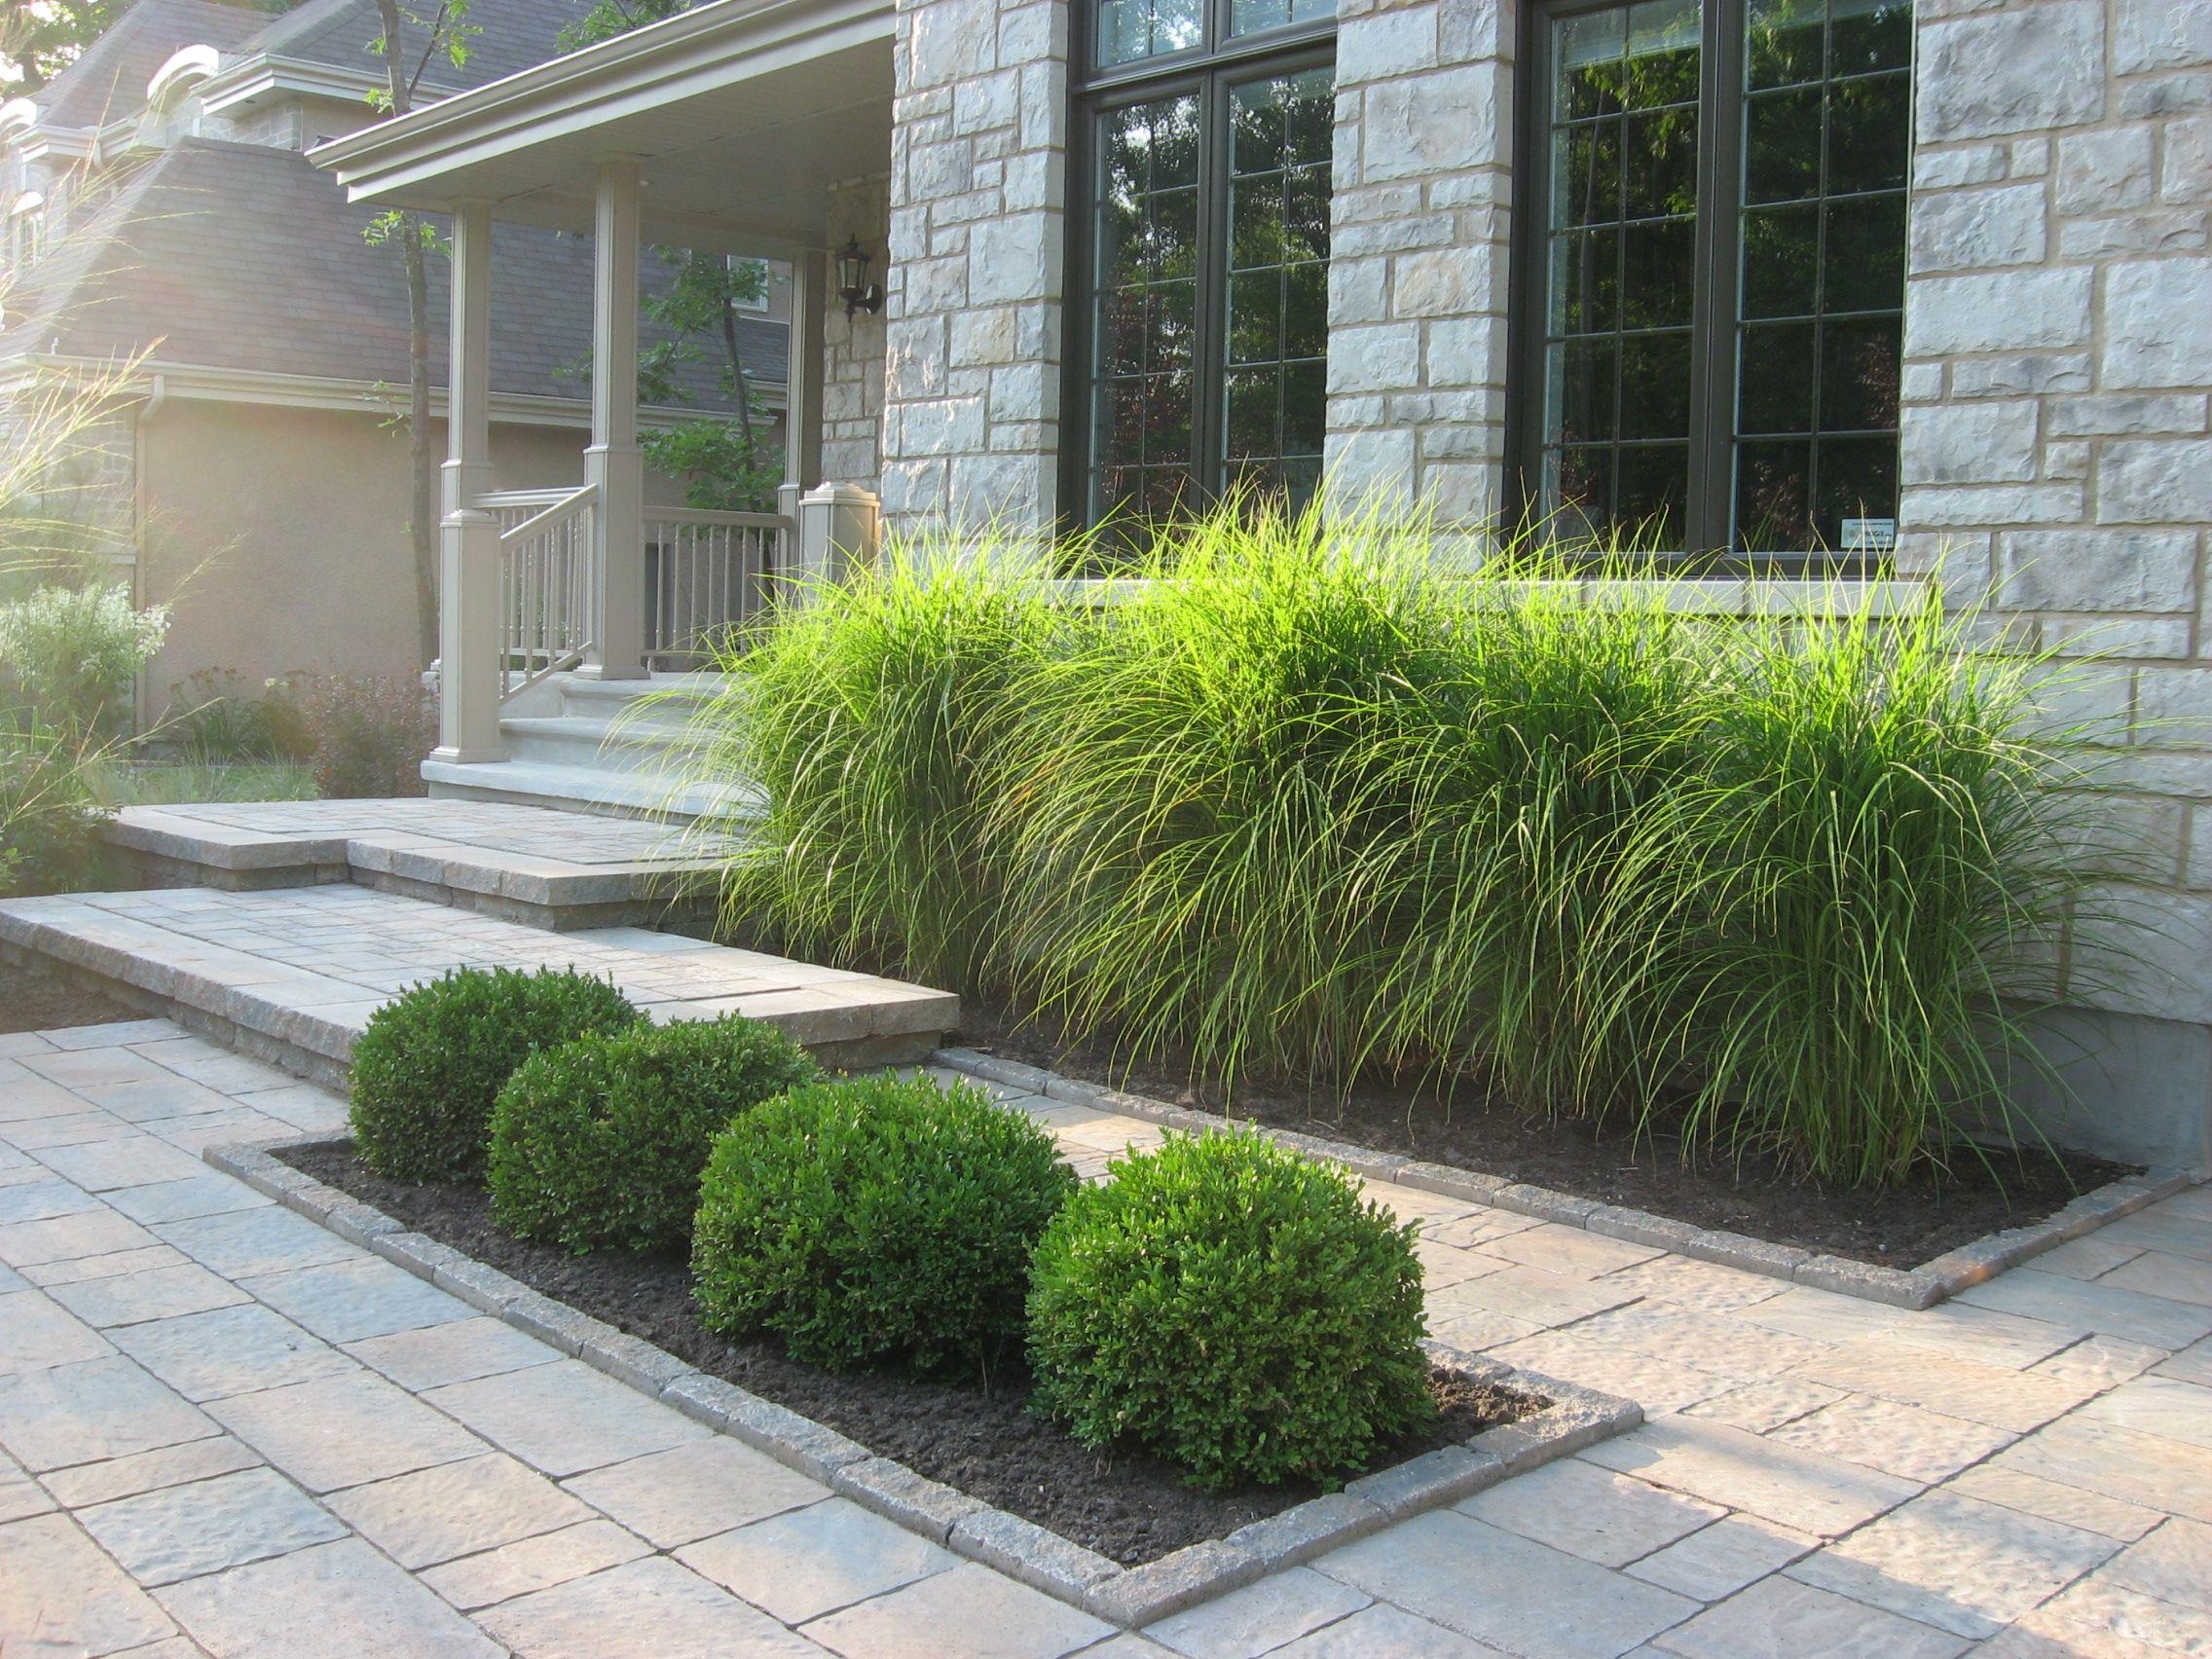 Épinglé Par Dancom Sur Terrasses   Aménagement Jardin Devant ... tout Amenagement Jardin Avec Graminees